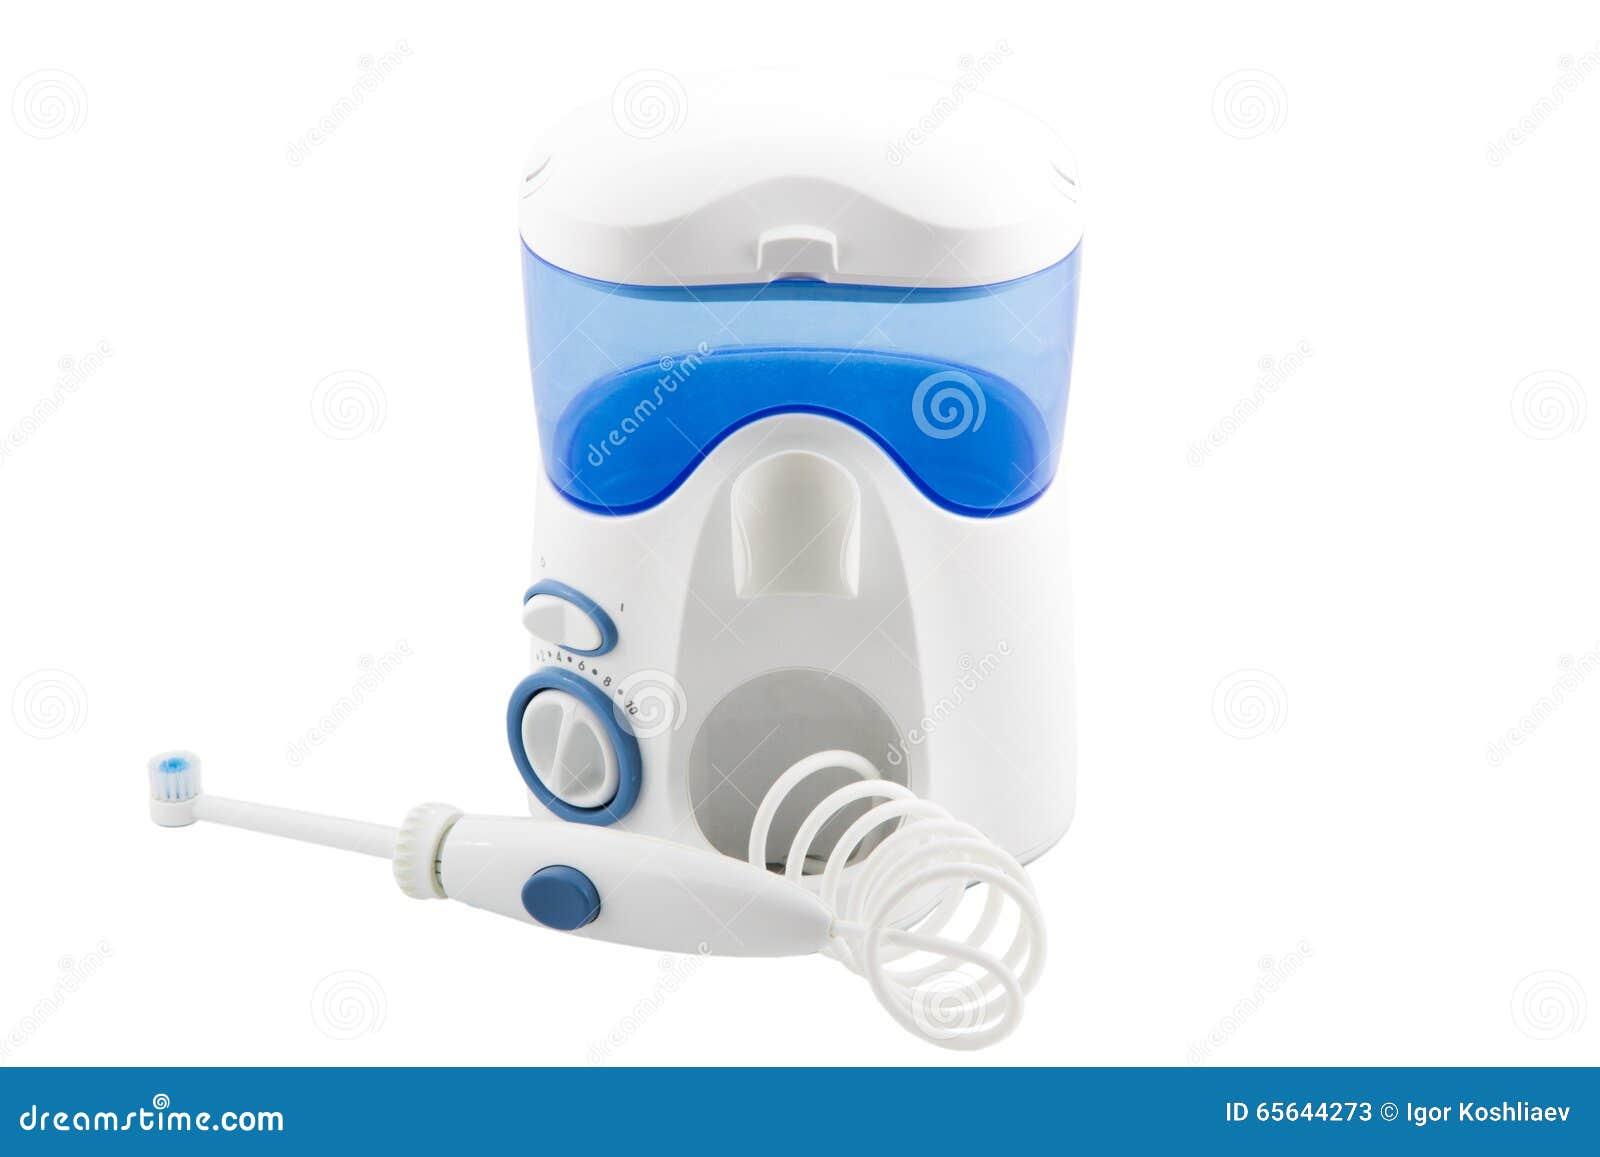 Irrigator pour oral